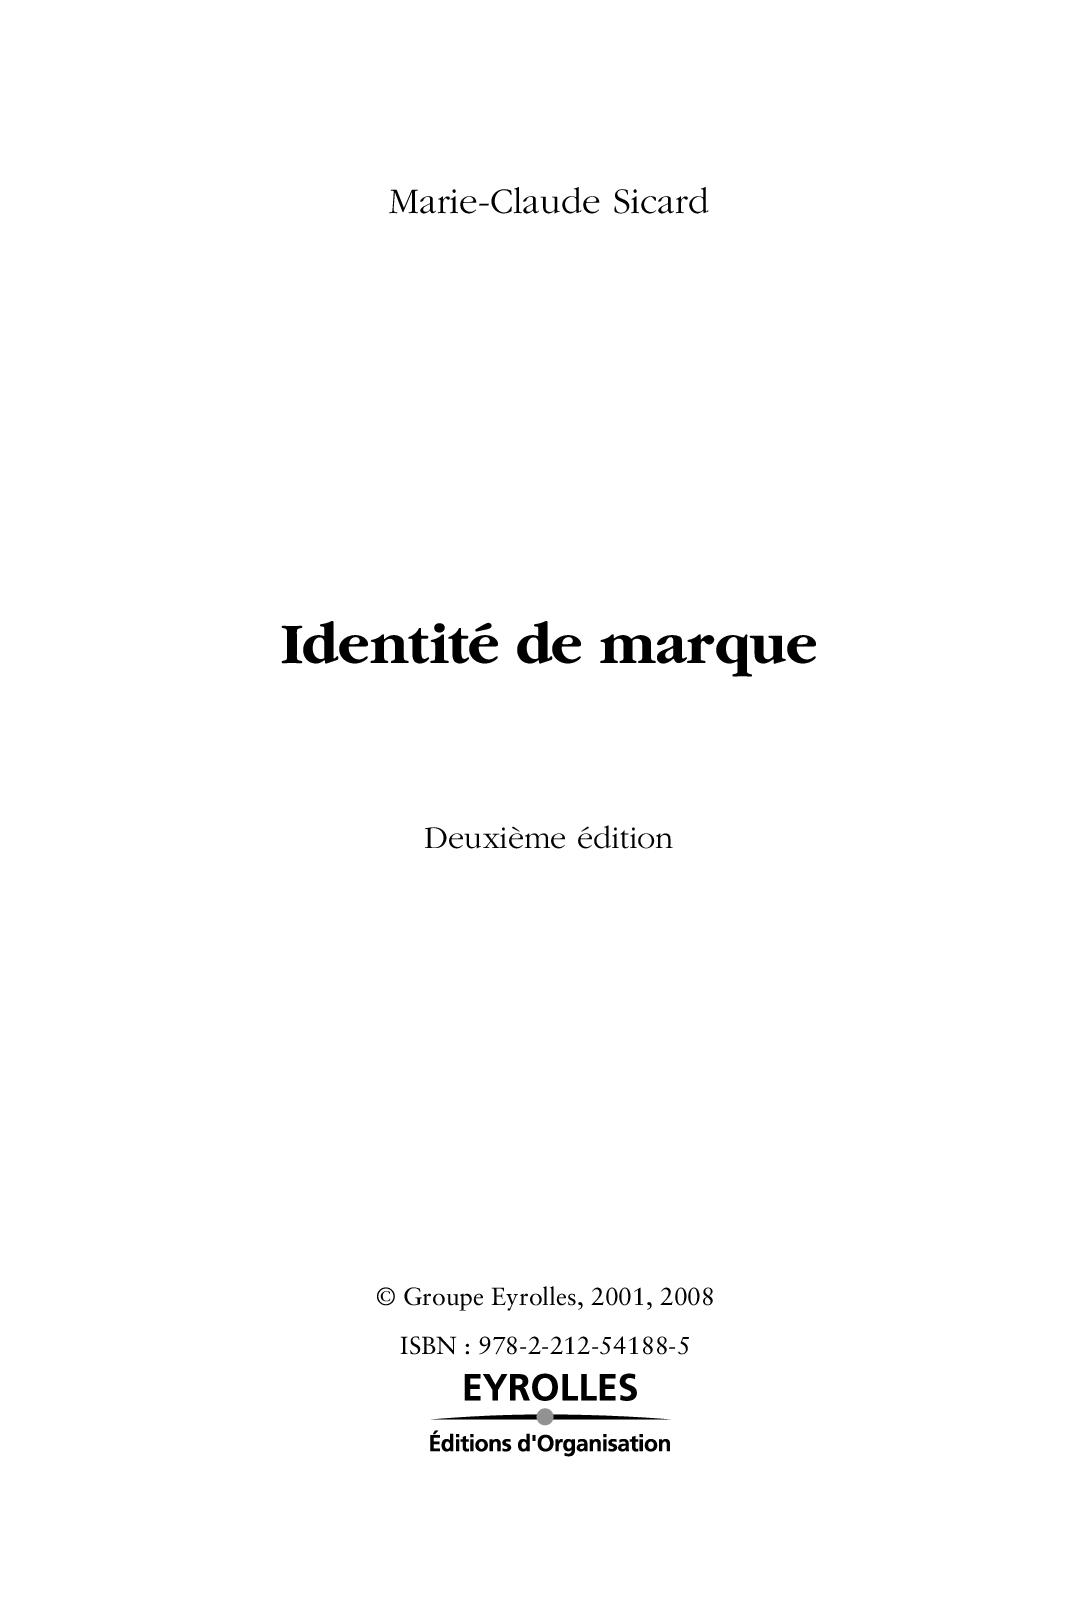 Chap6 Marque Identité sicard pdf Calaméo De ukZOPXi